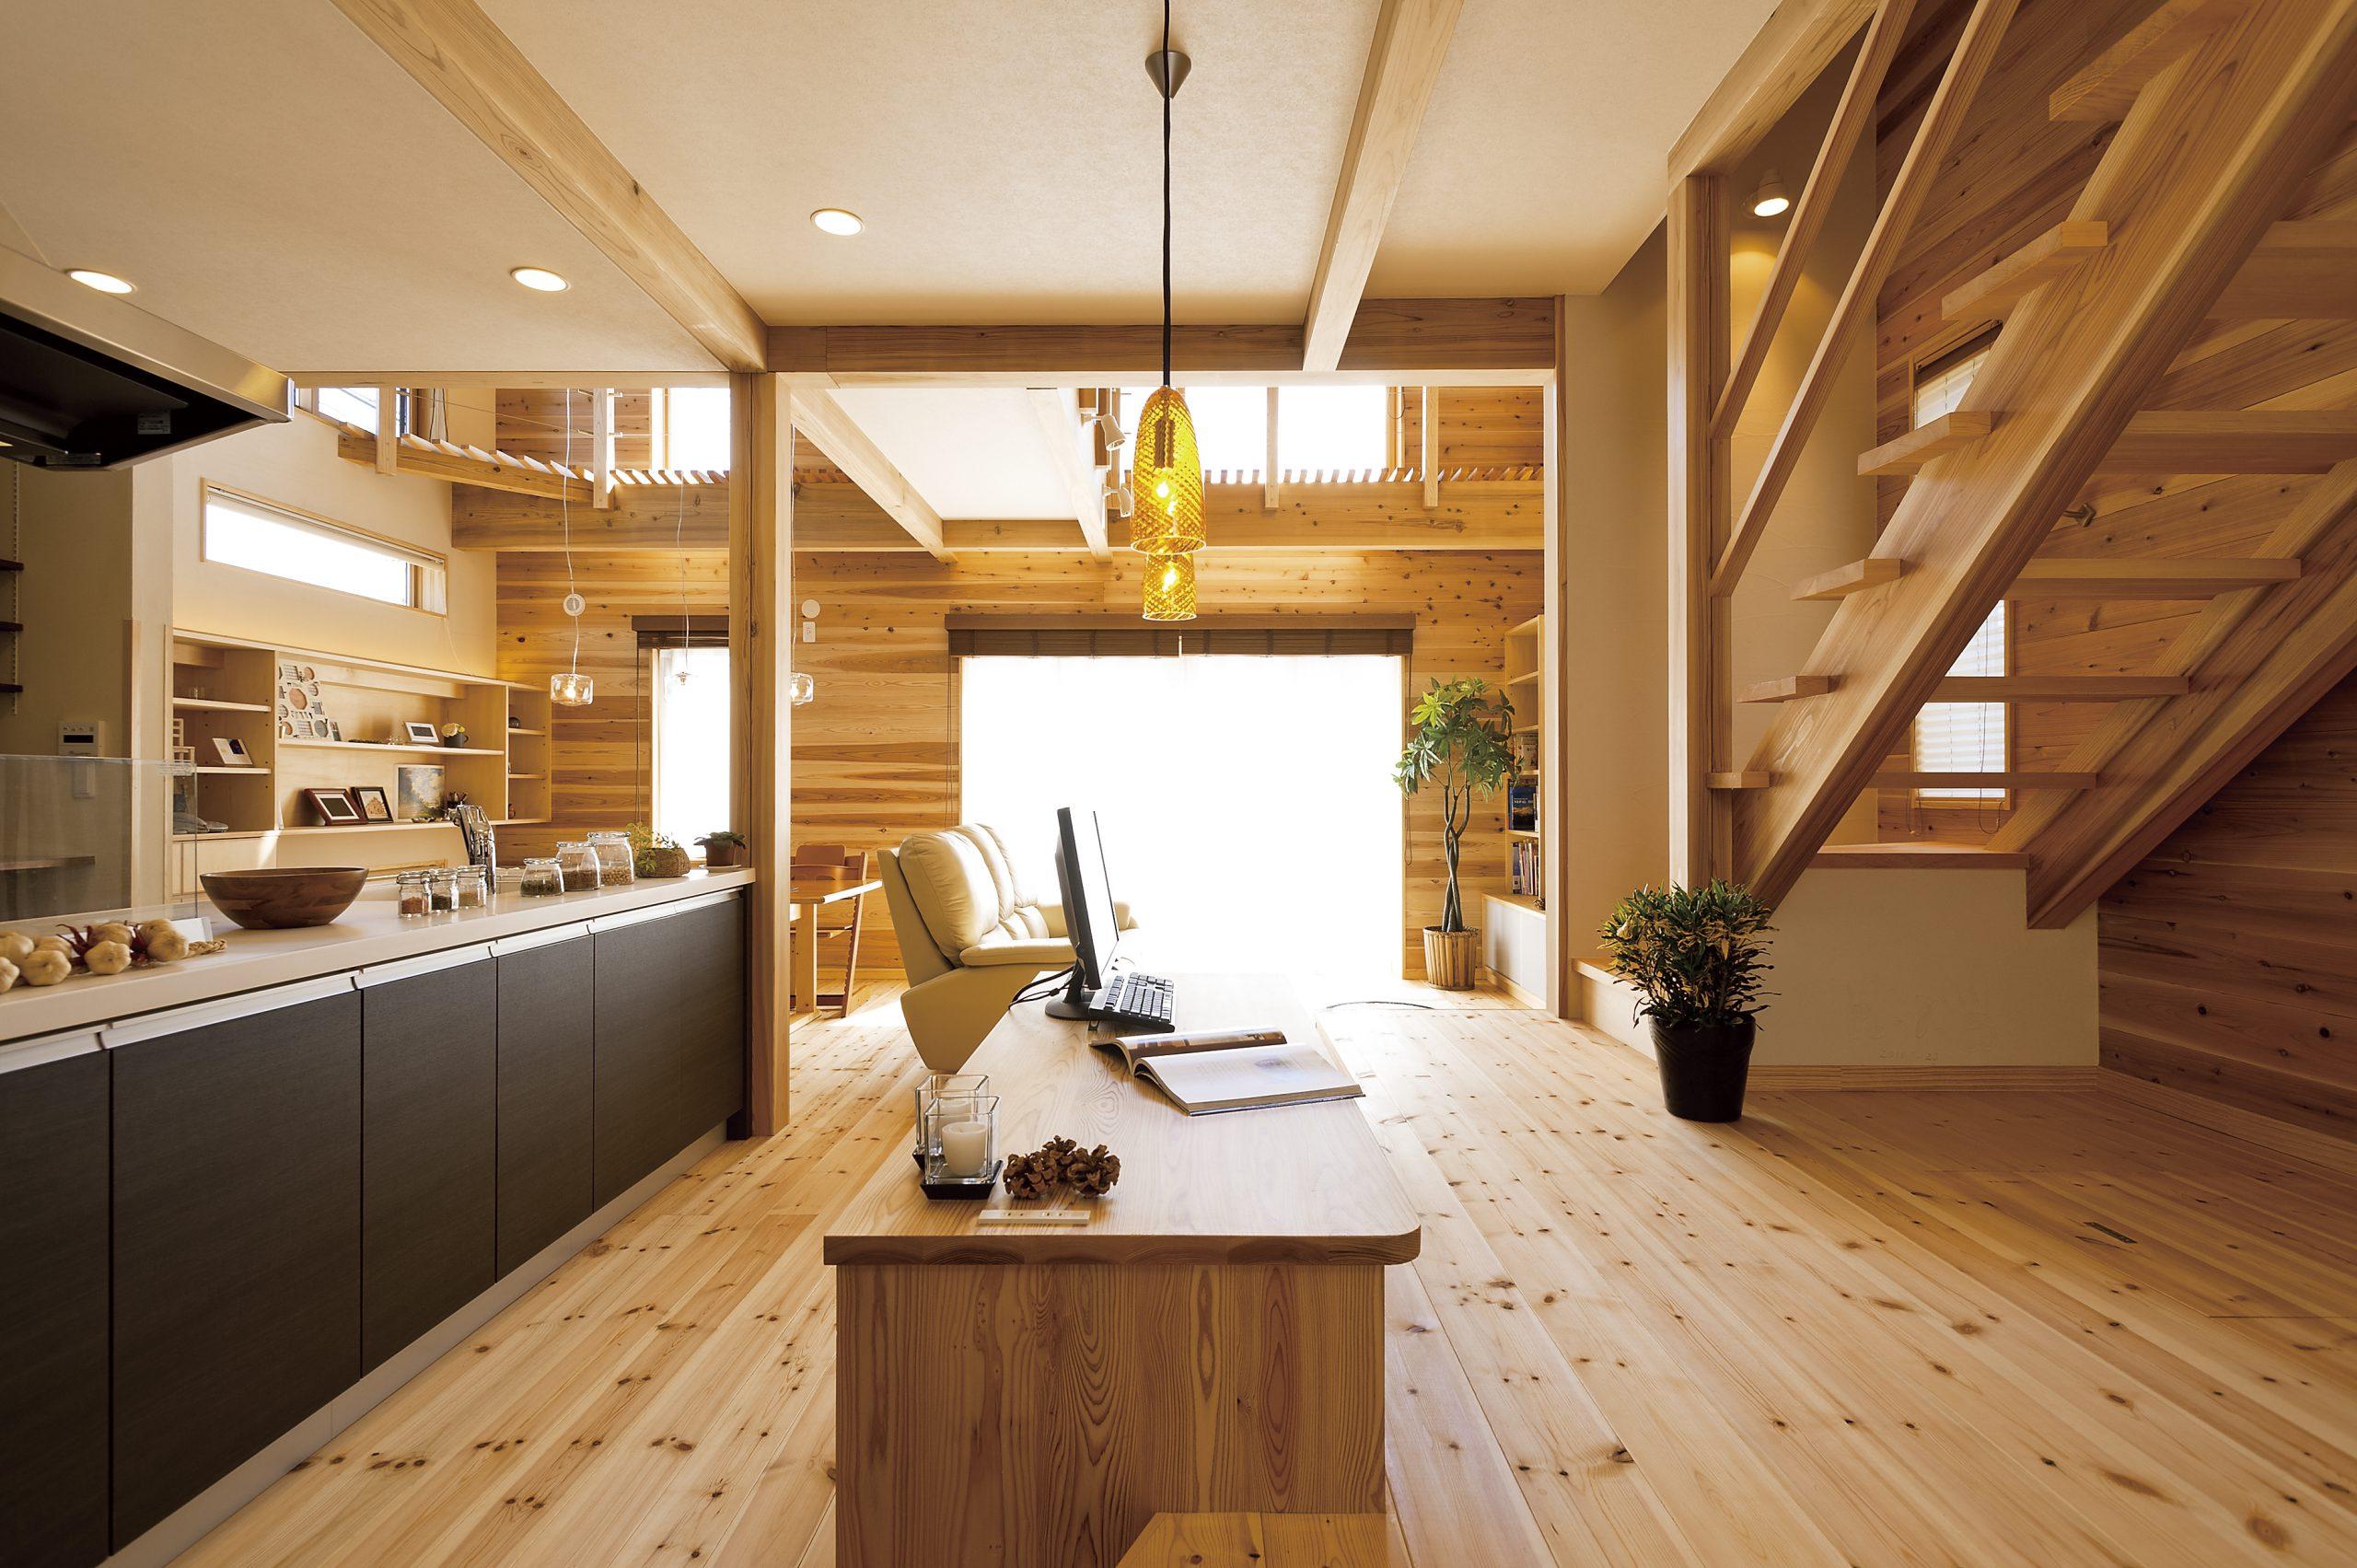 自然素材の家づくりを注文住宅で実現した建築実例:無垢材、珪藻土で健康で快適な居住空間